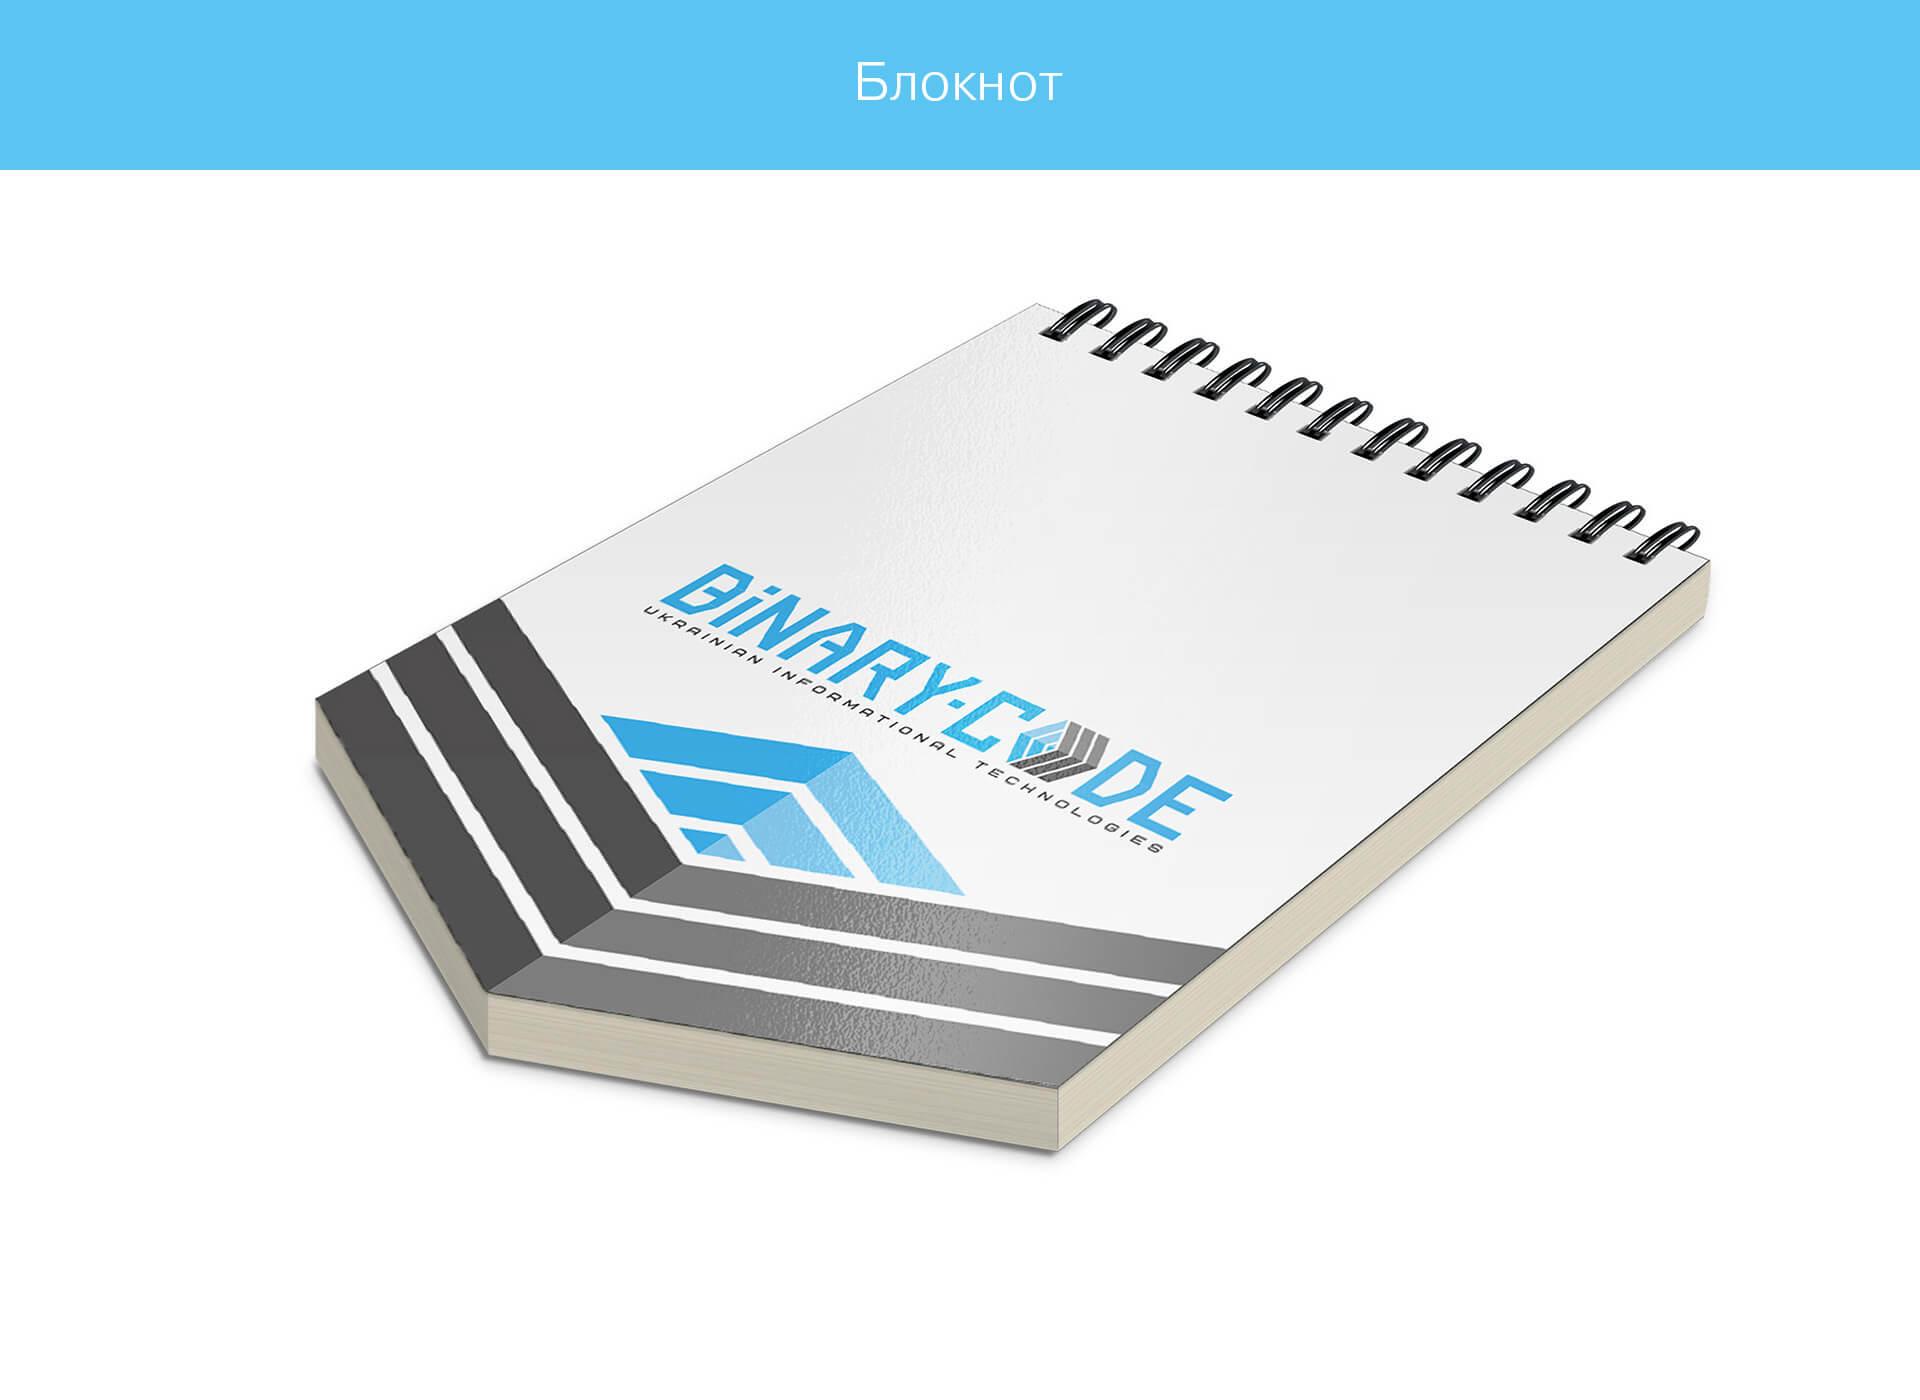 Разработка и создание дизайна блокнота (брендинг) от Fantastic Imago брендиногове рекламное агентство